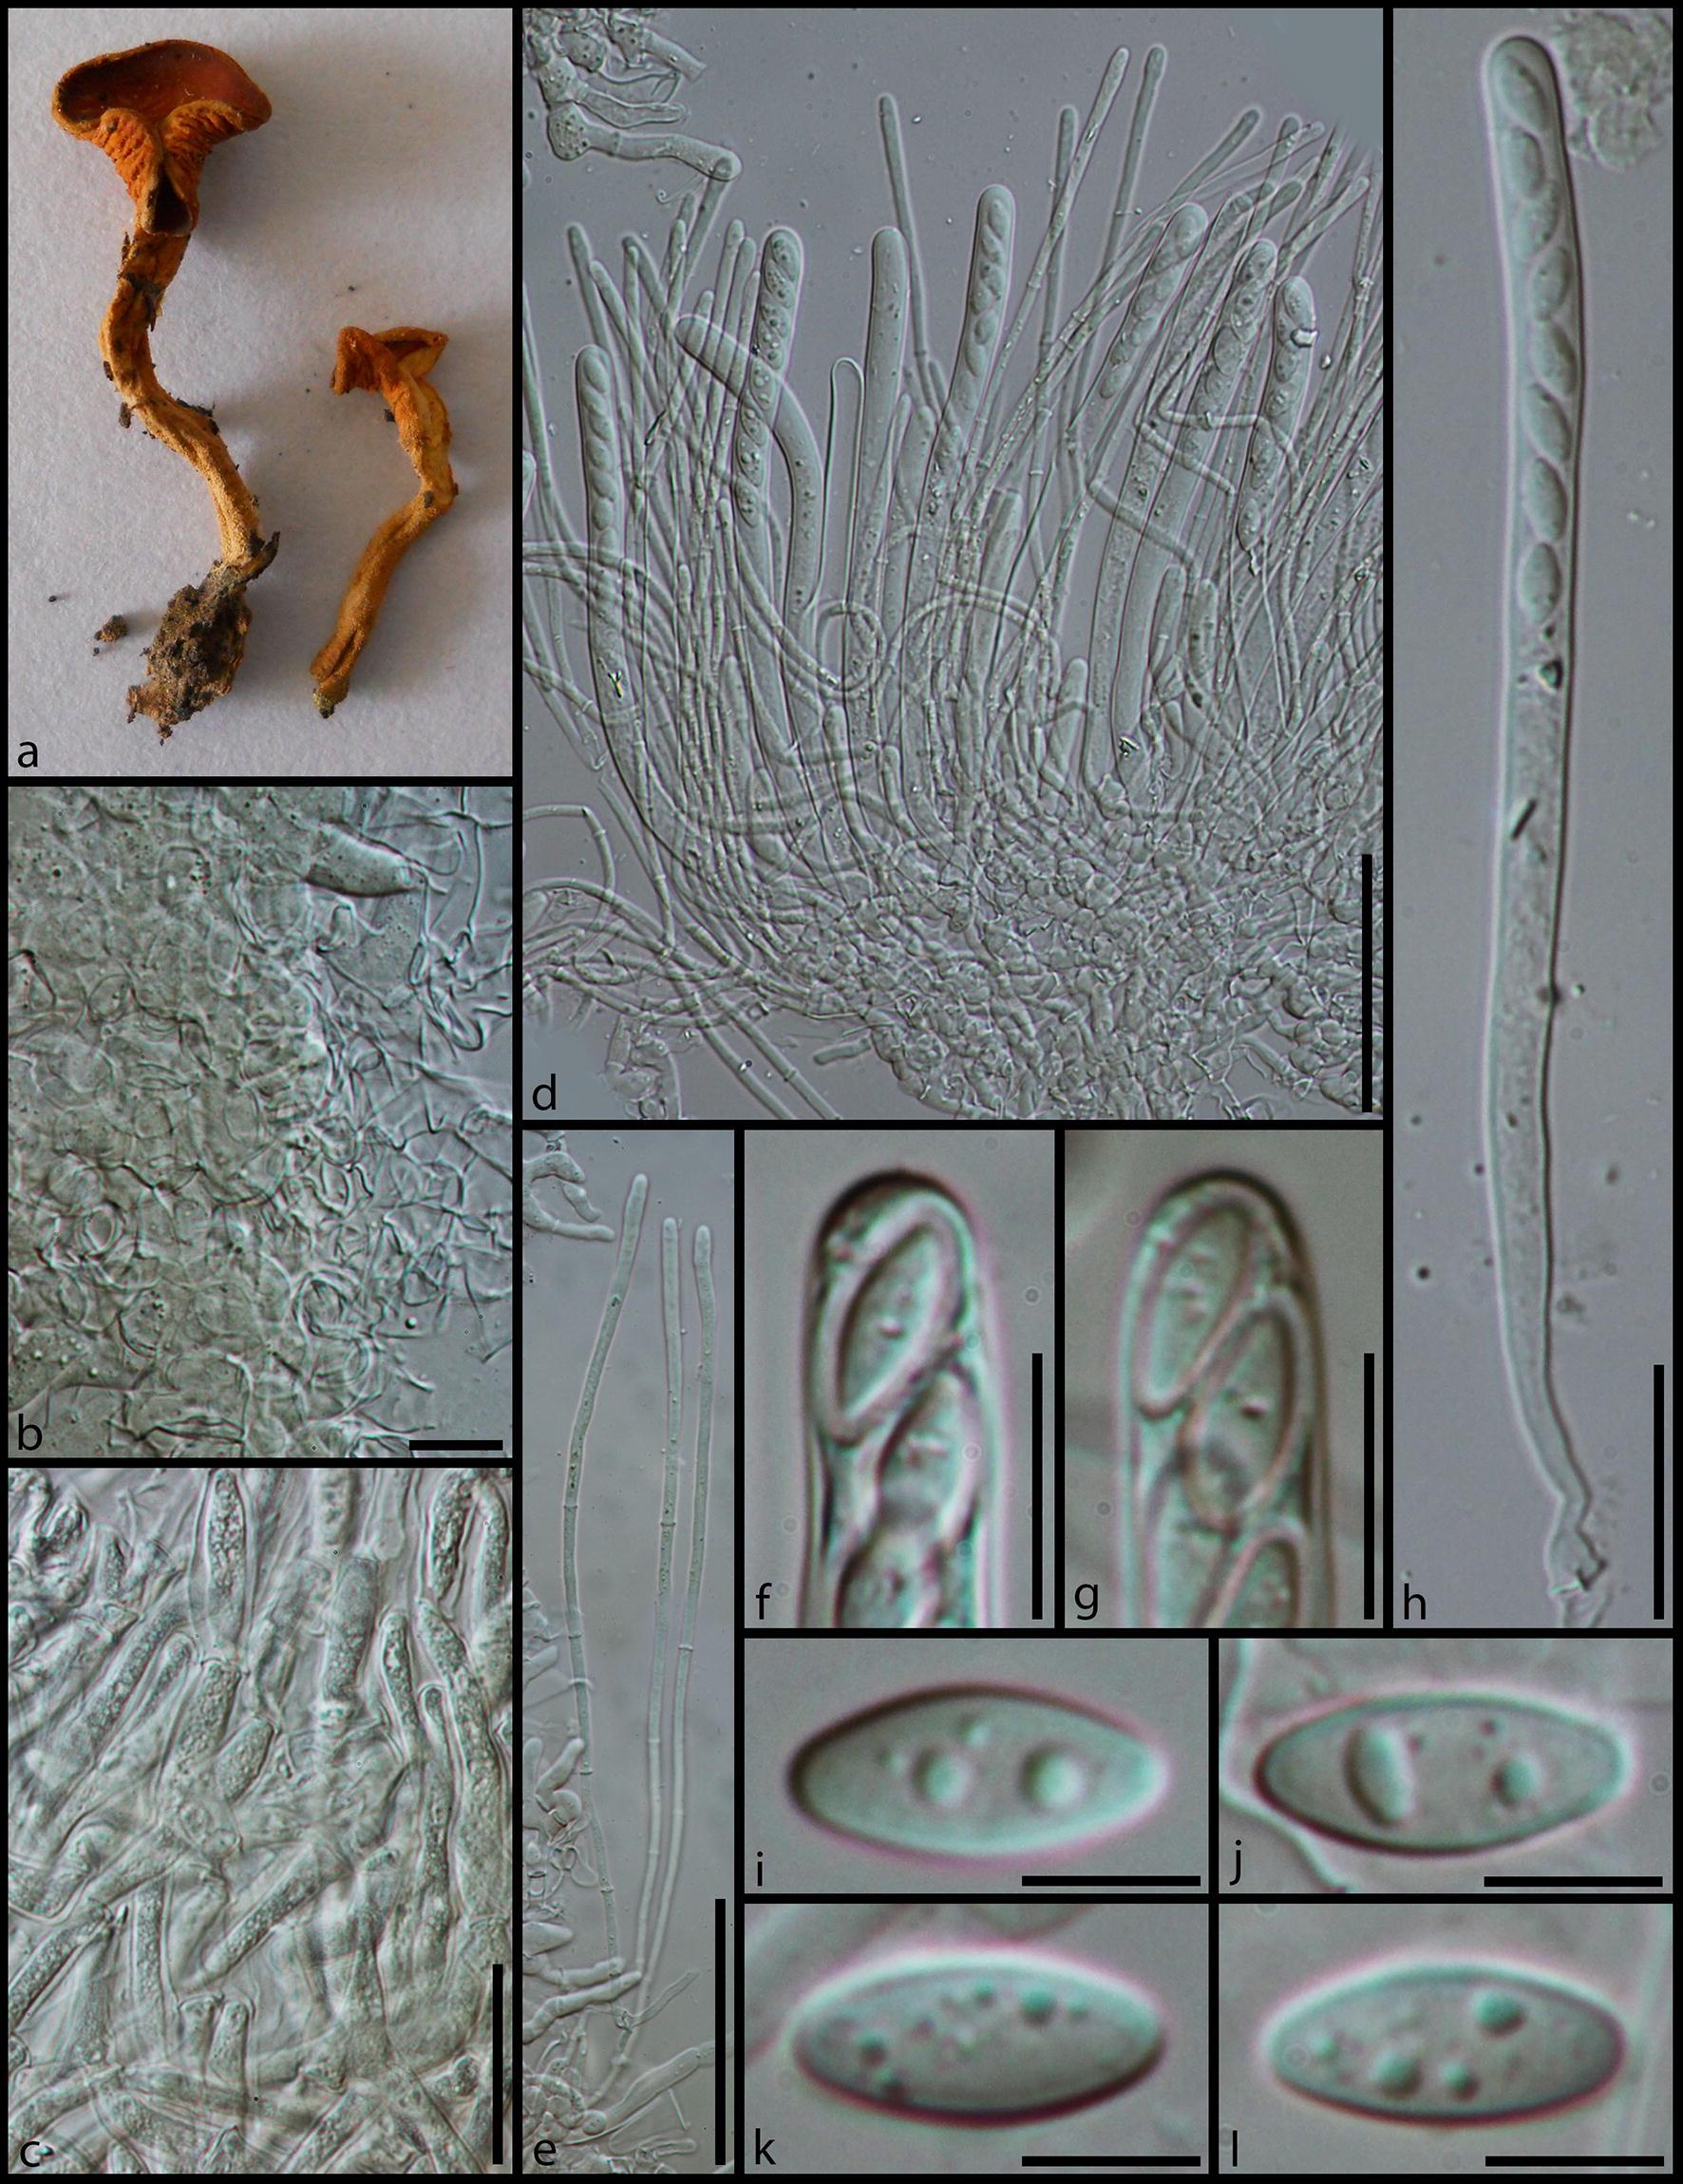 Taxonomy And Phylogeny Of Operculate Discomycetes Pezizomycetes Austin Flats Laken Beige 38